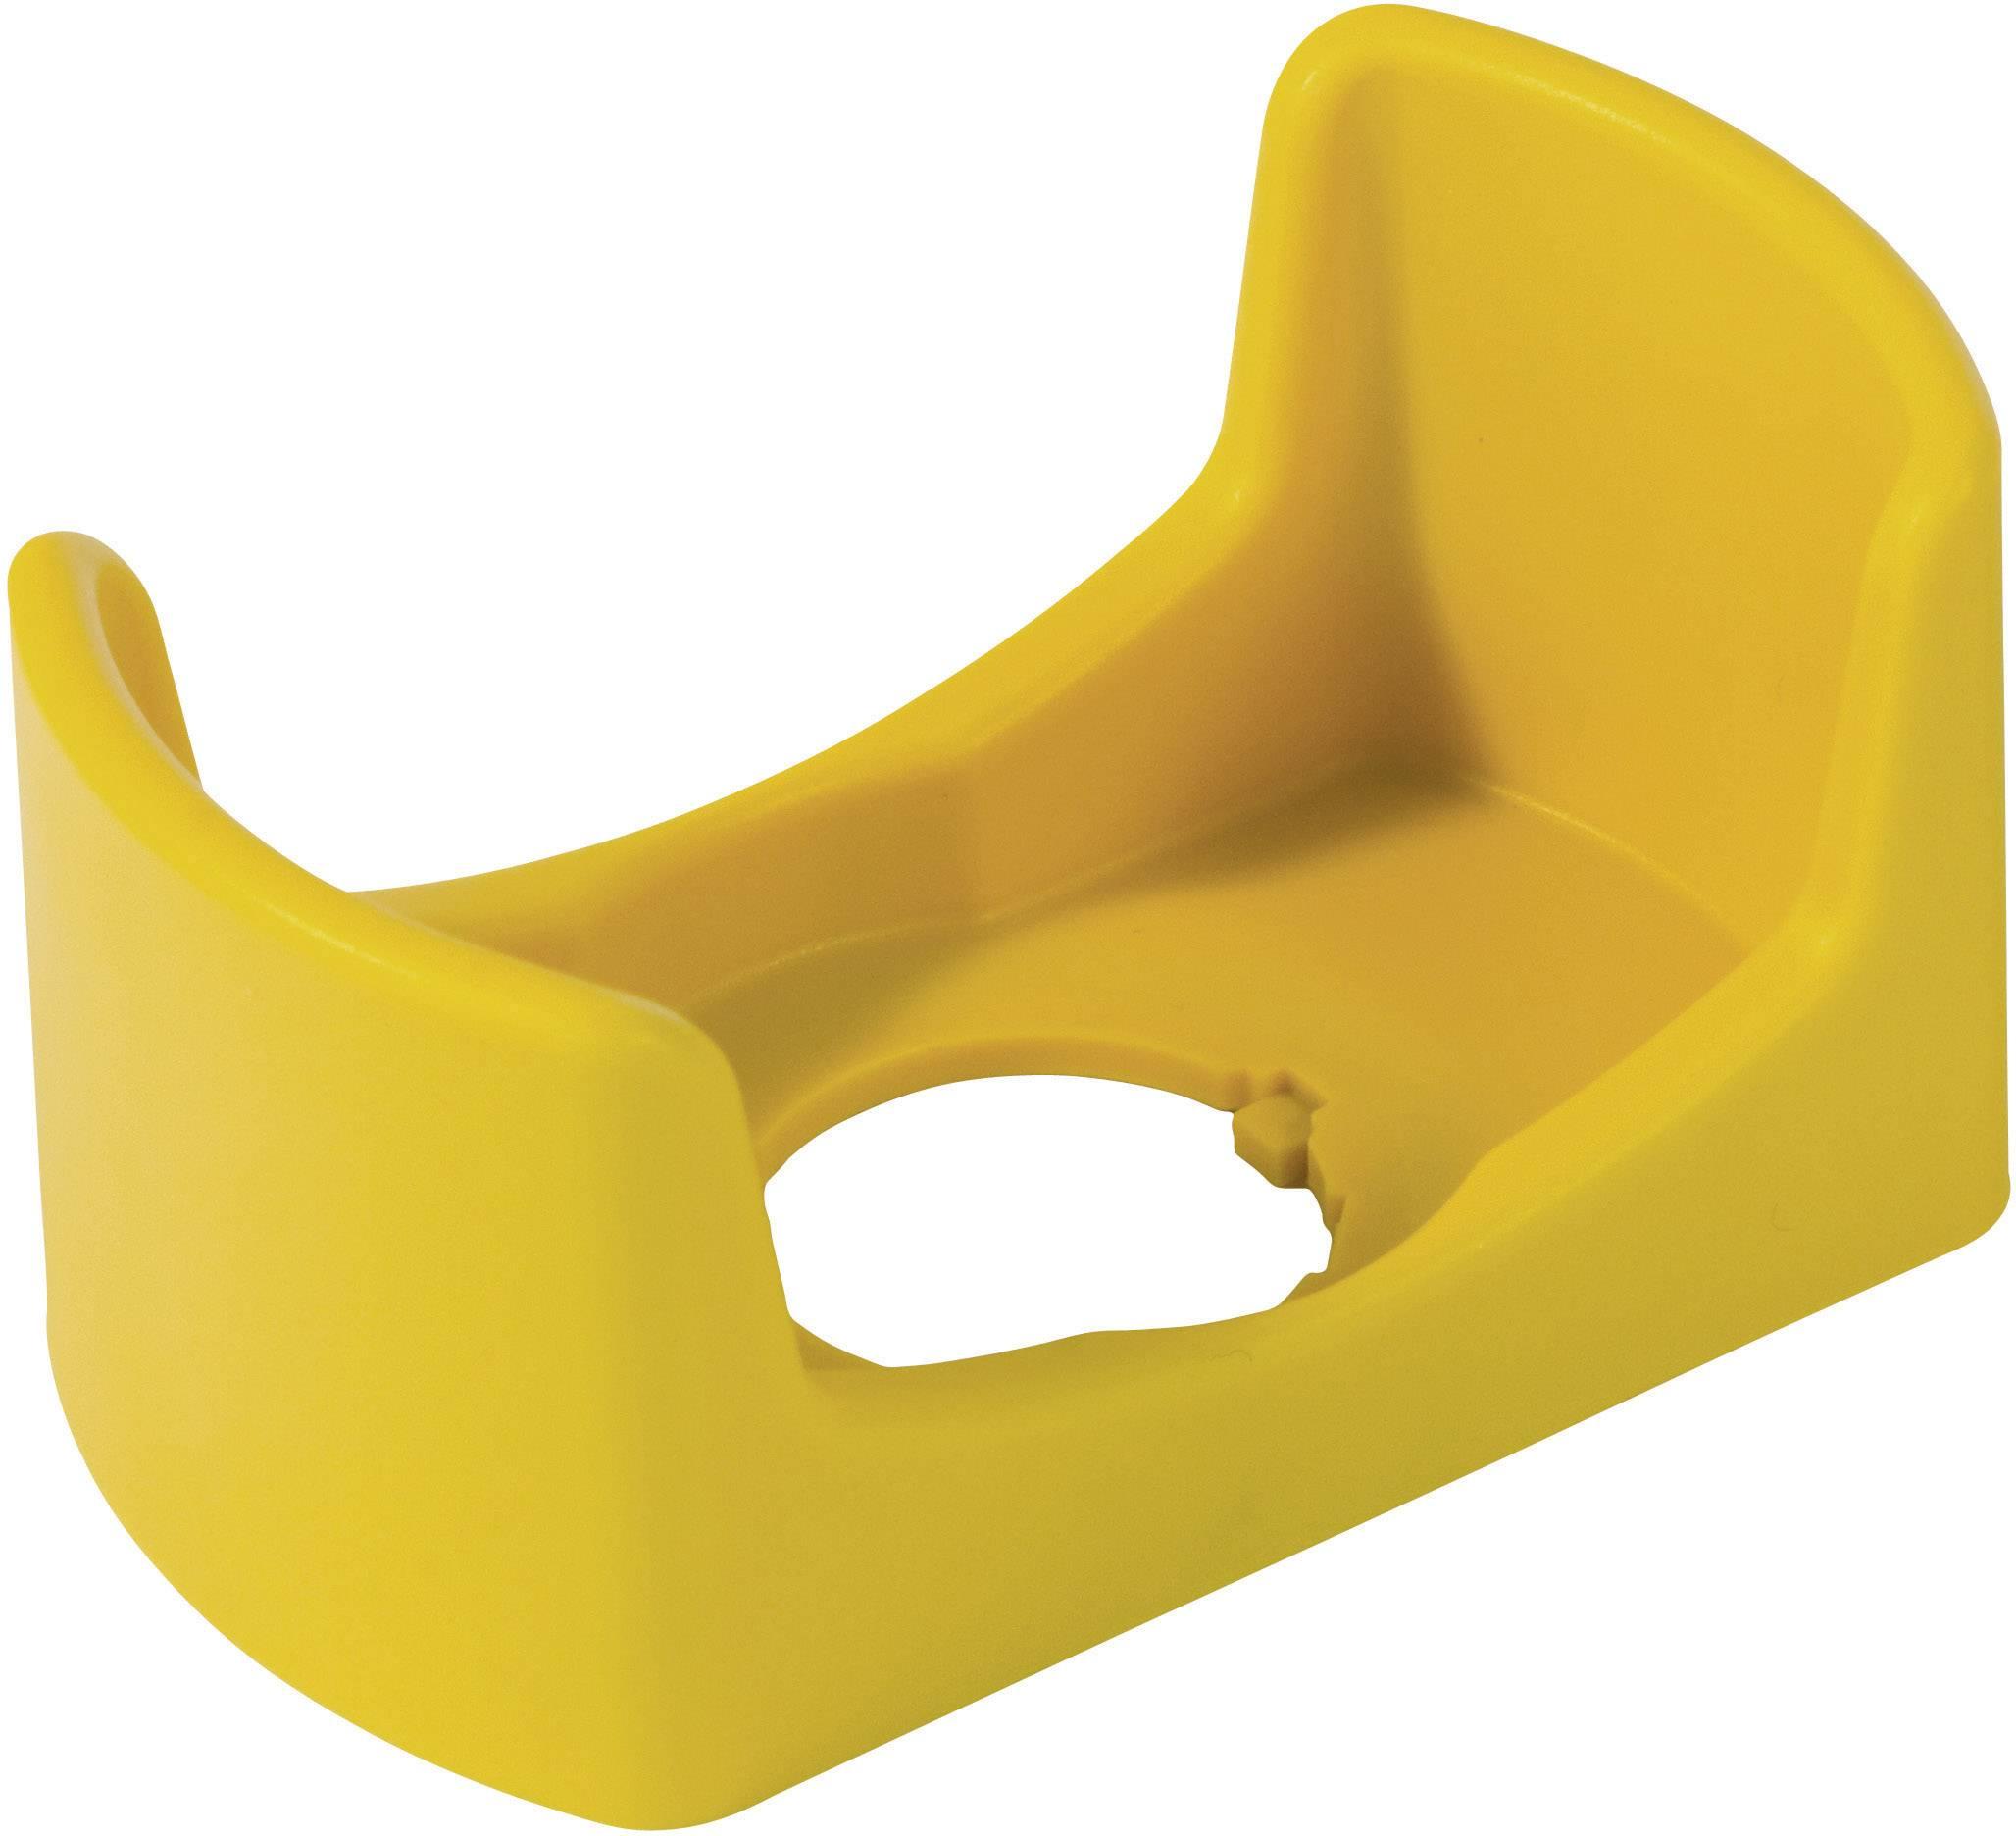 Ochrana tlačidla Idec HW9Z-KG3 HW9Z-KG3, (š x h) 74 mm x 42 mm, žltá, 1 ks